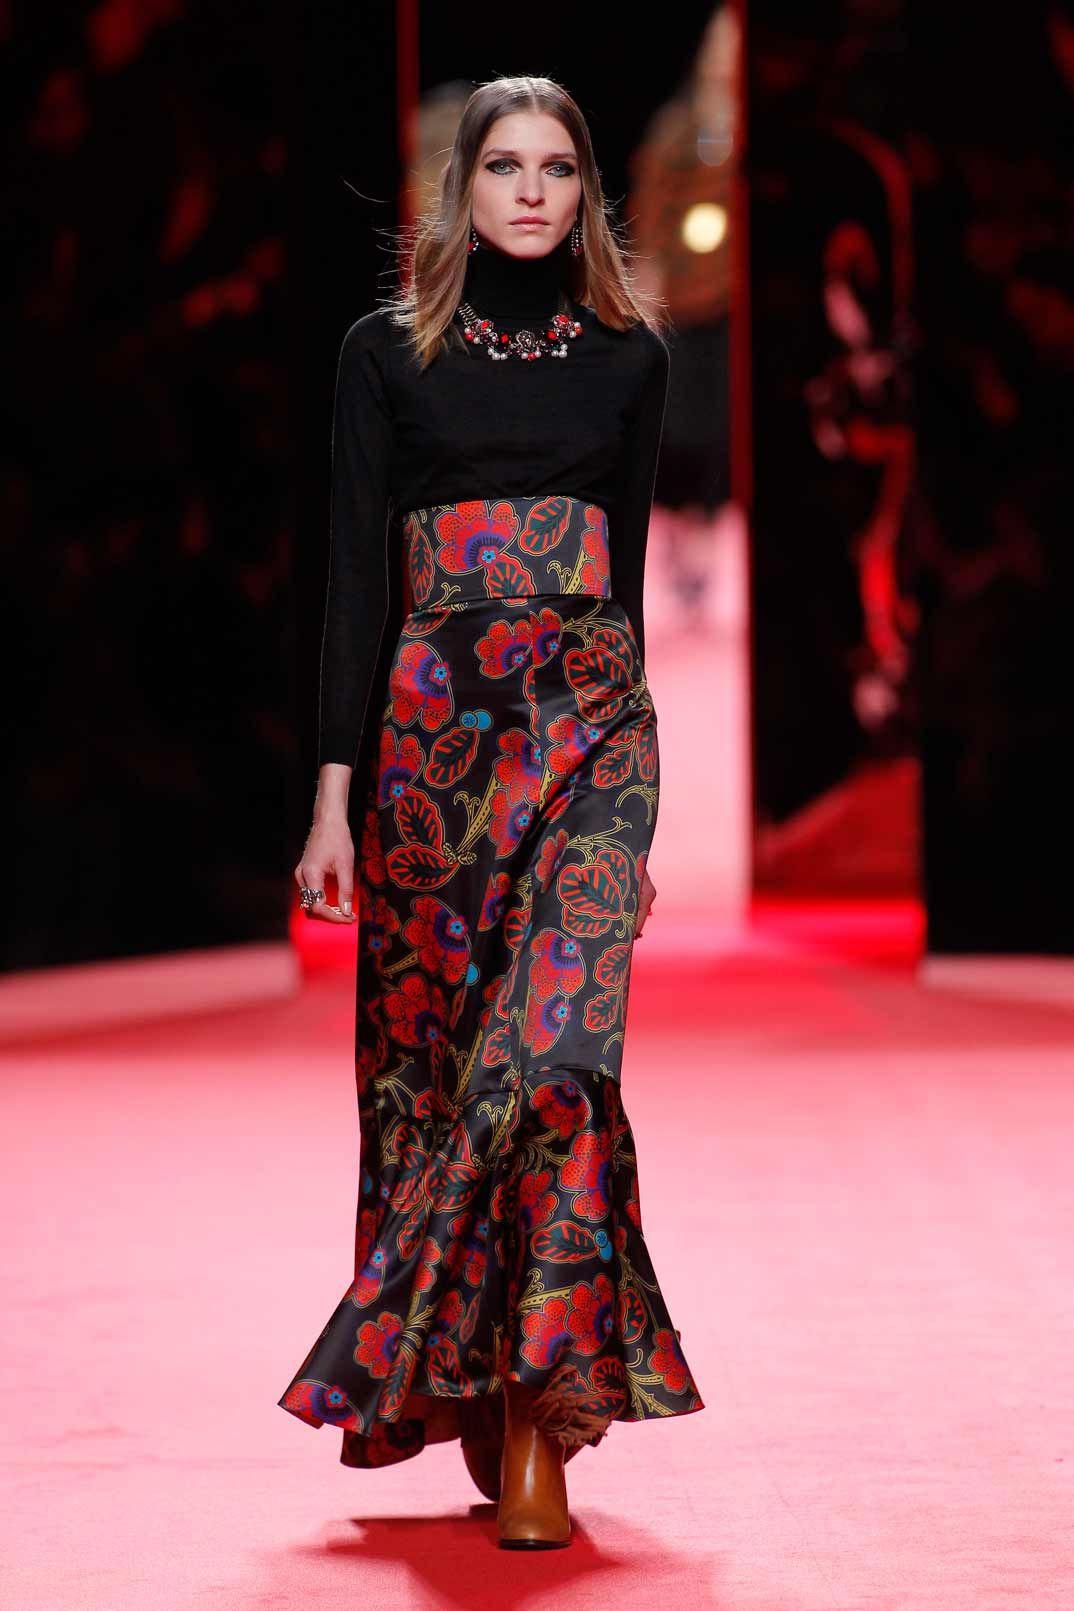 Madrid Fashion Week 2016: Juanjo Oliva